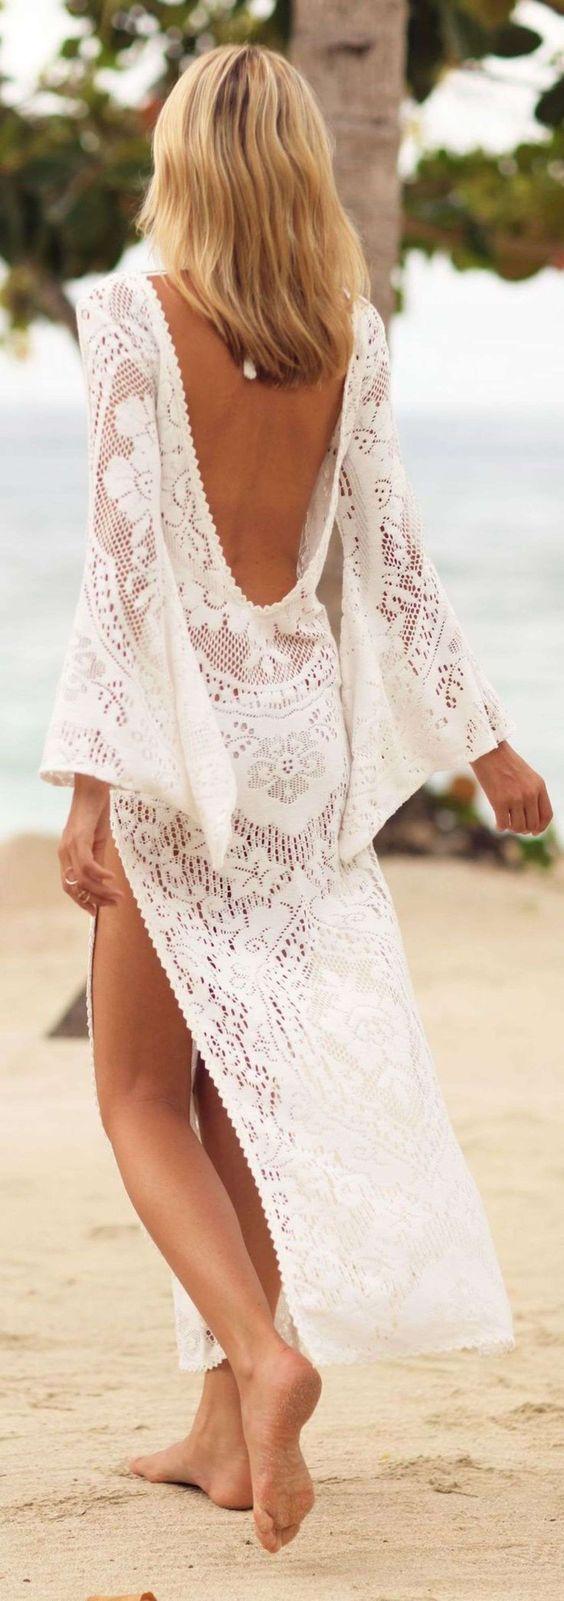 Trends Shaker | Trend Inspiration : Crochet: